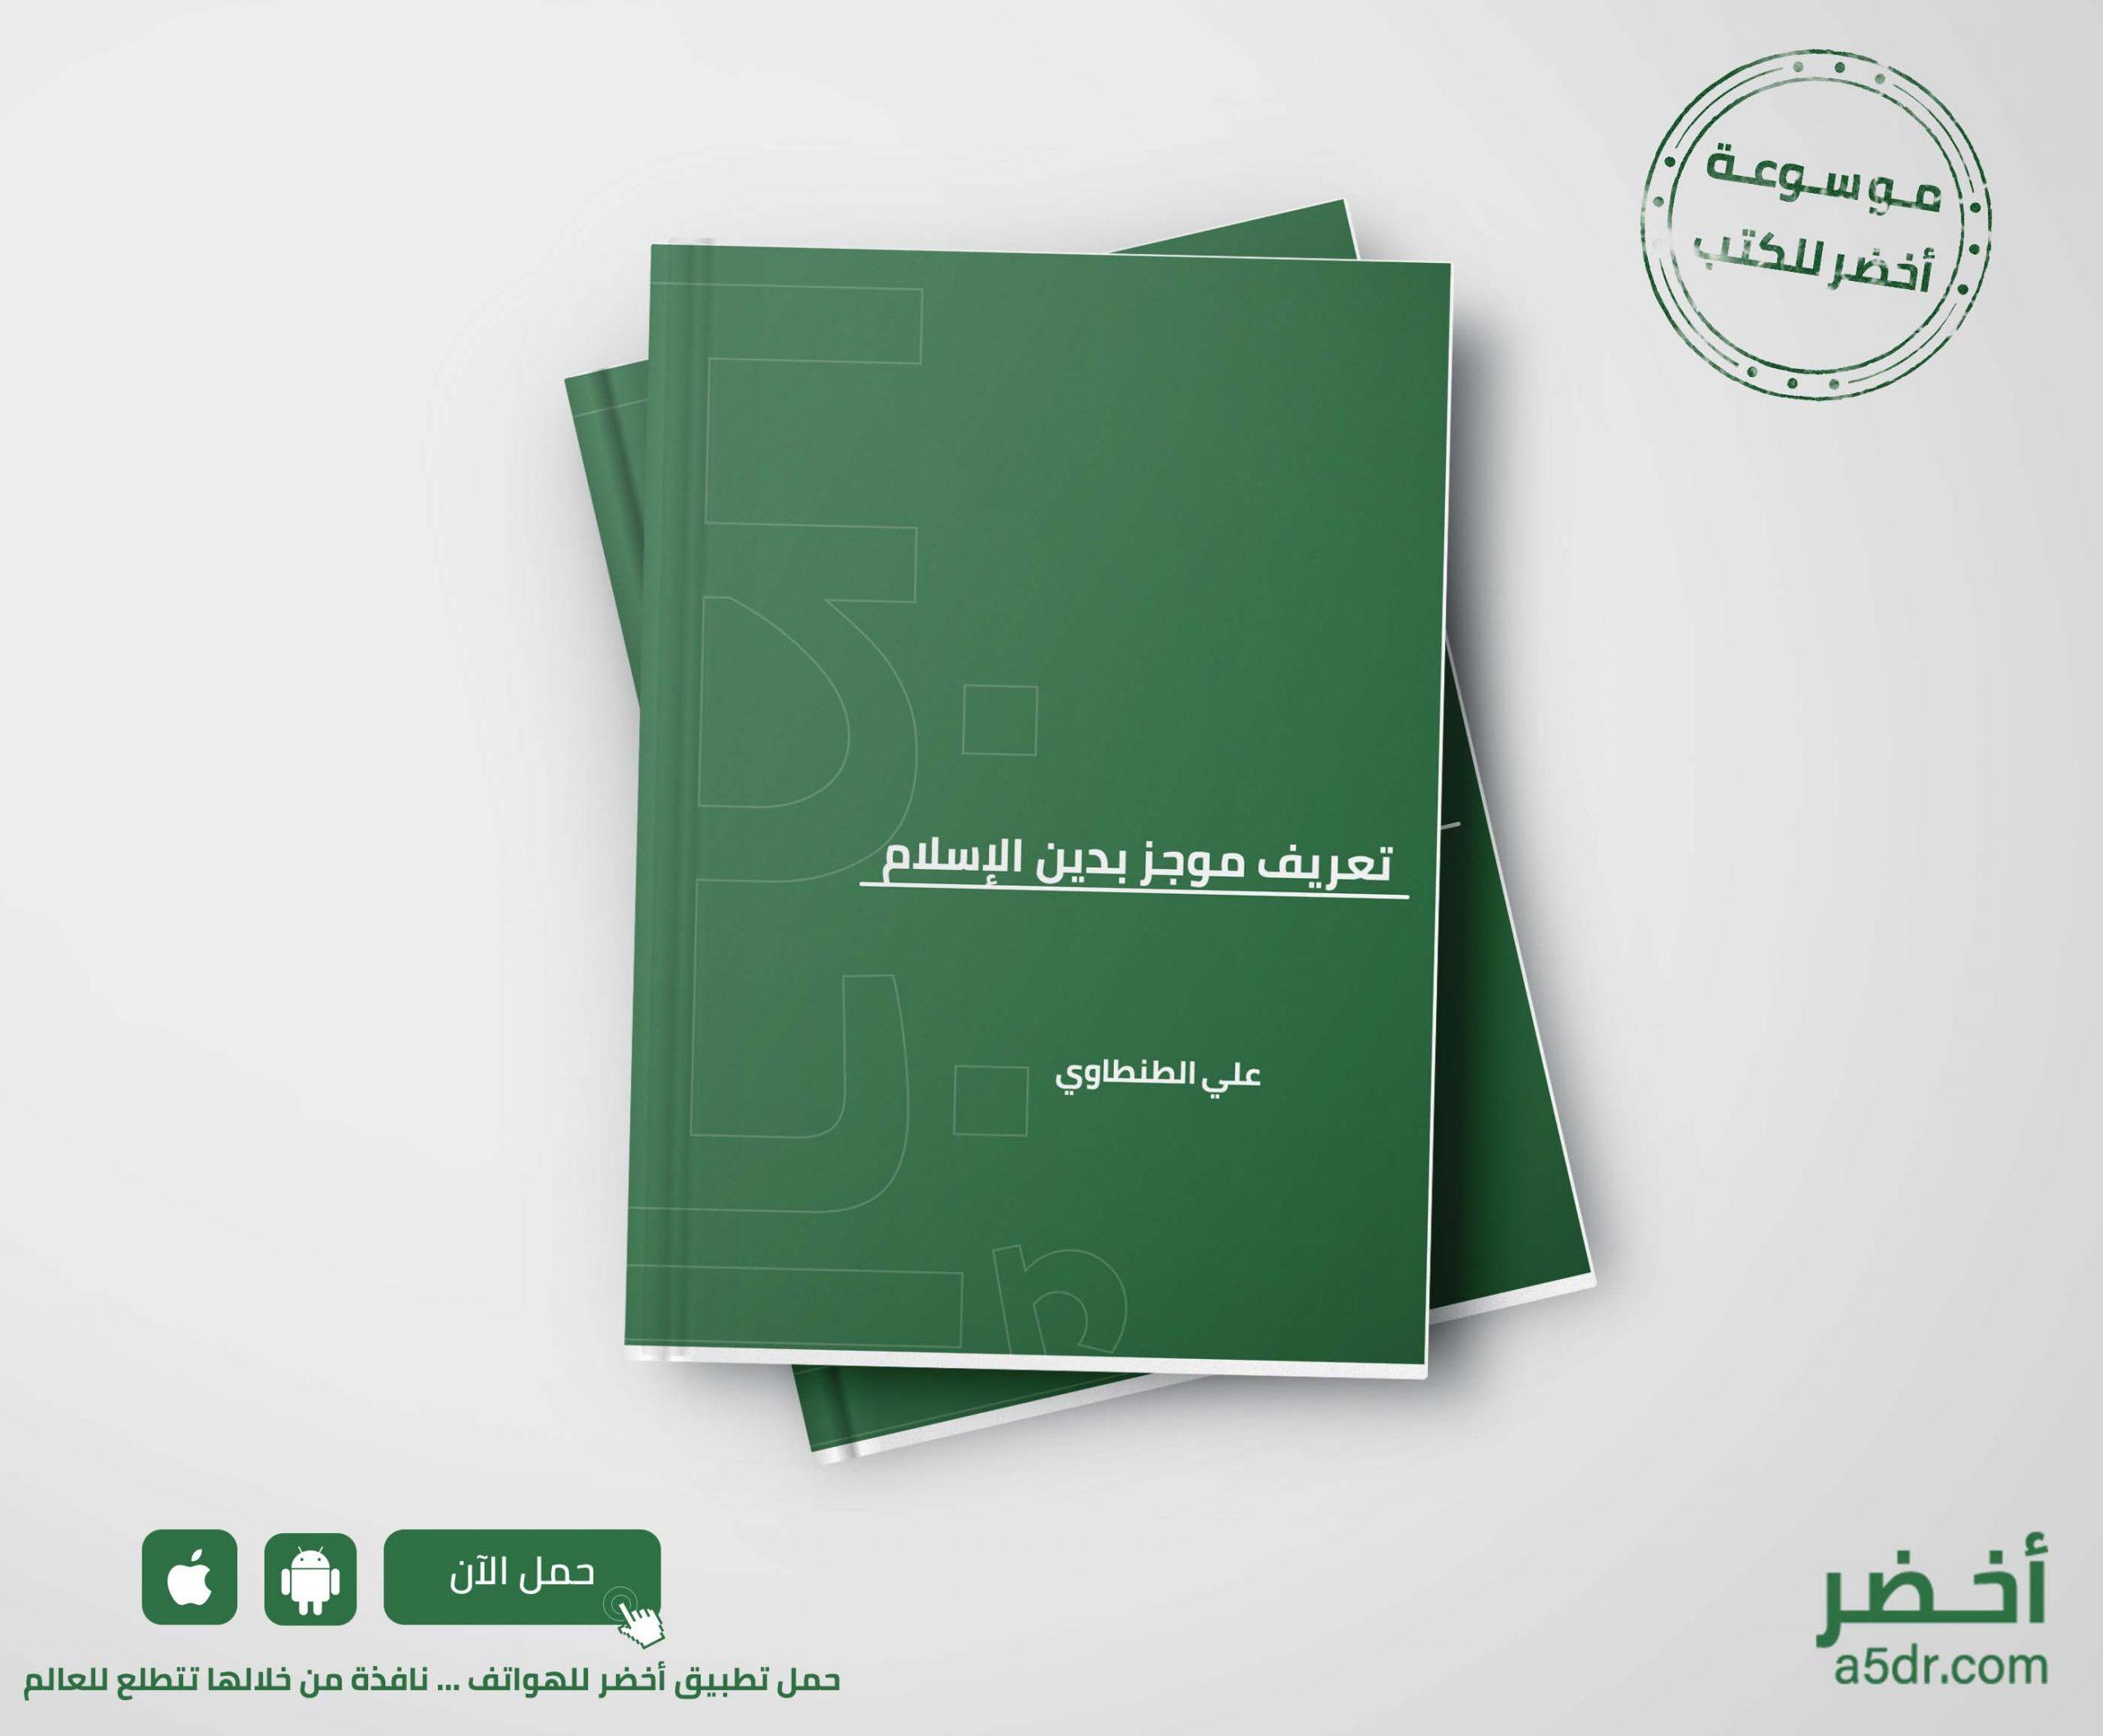 كتاب تعريف موجز بدين الإسلام - علي الطنطاوي